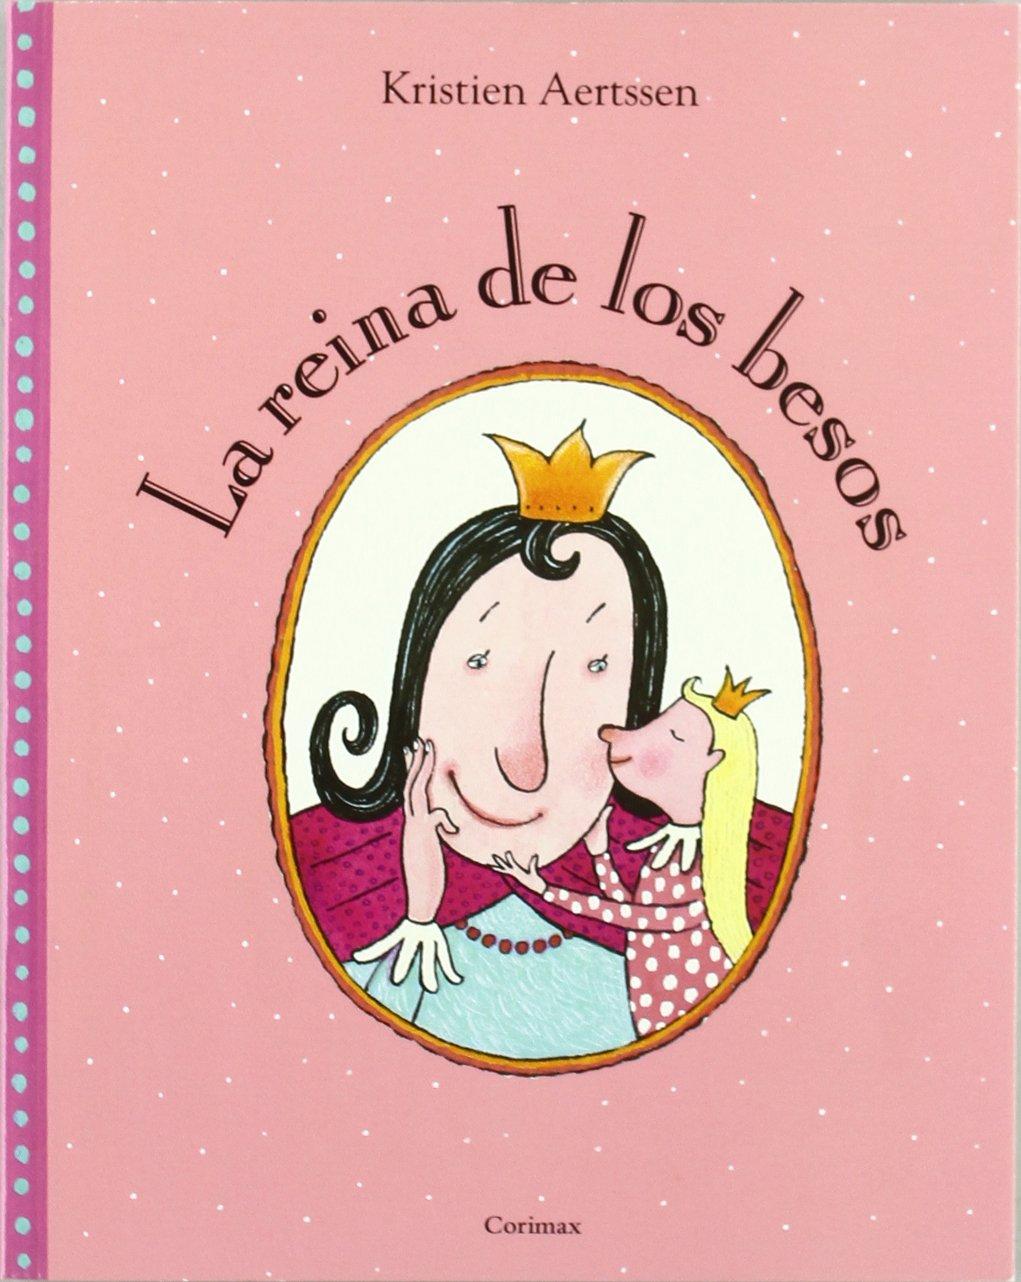 La reina de los besos - Corimax